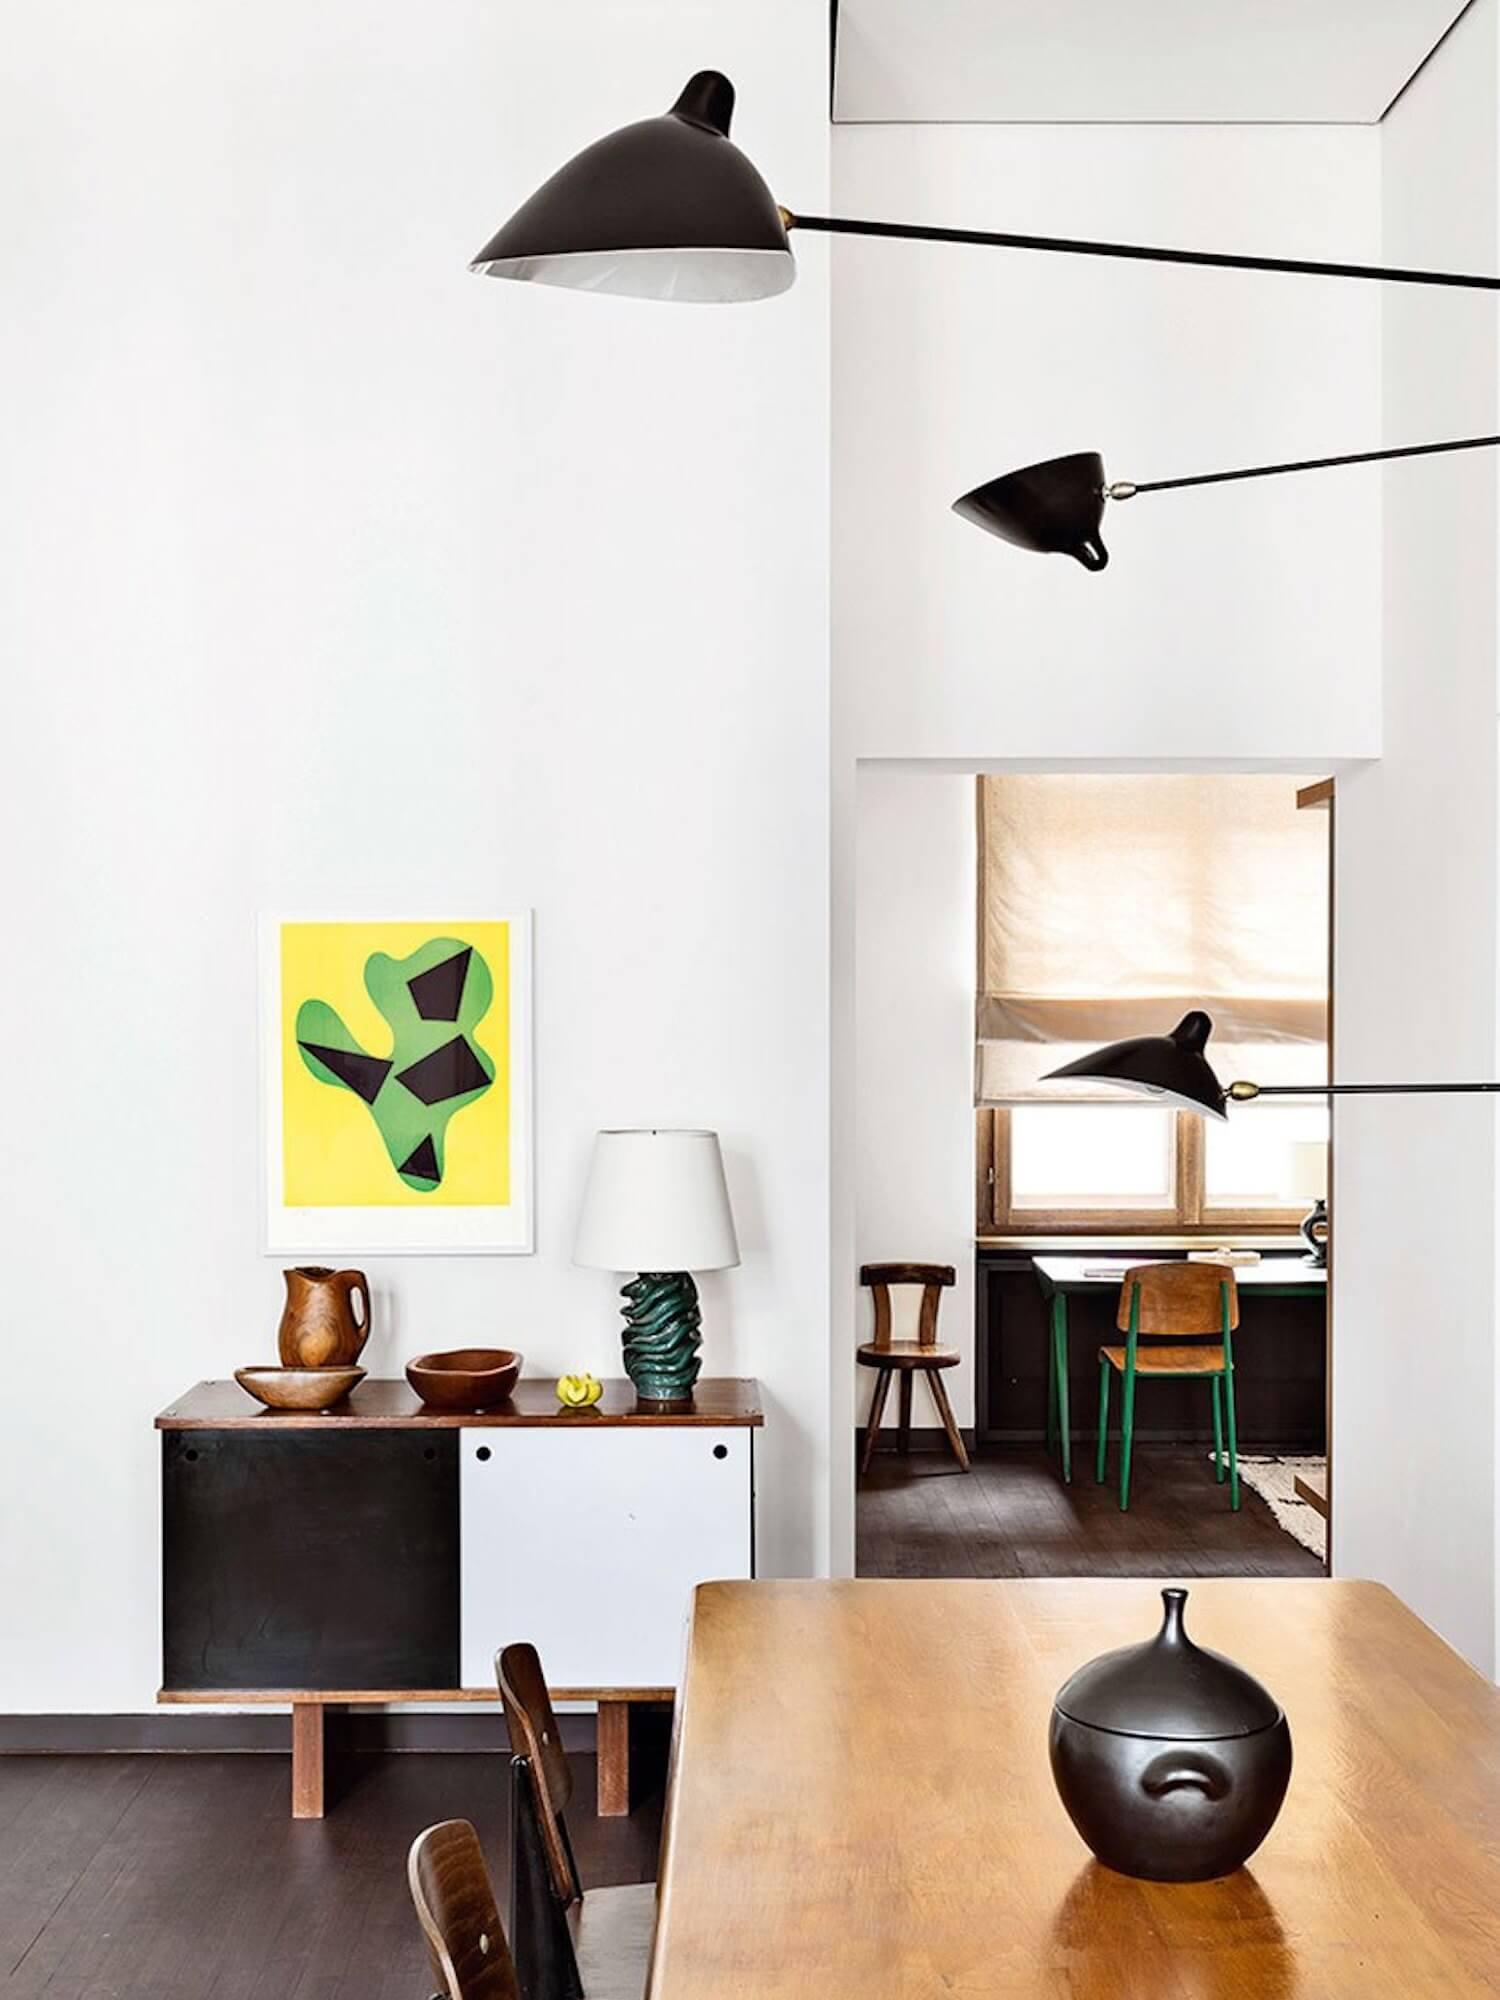 est living Emmanuel de Bayser Berlin Apartment 3